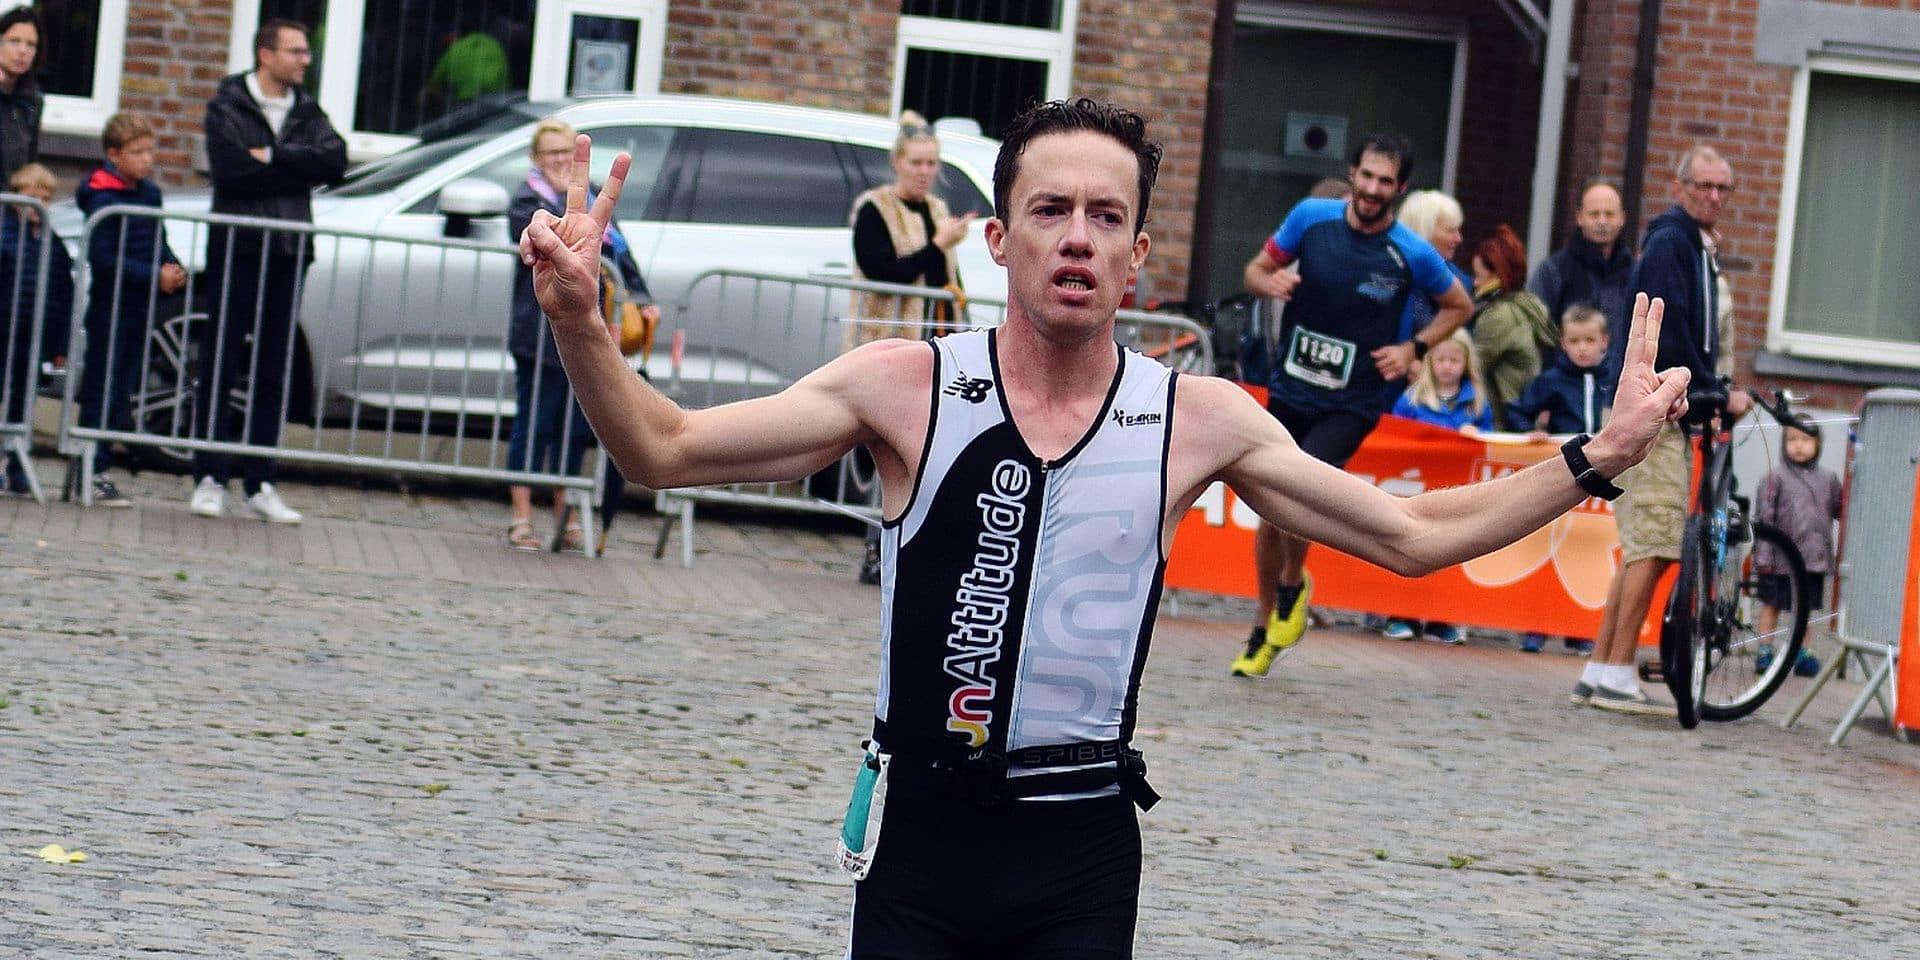 Marathon du BW: une première saluée par tous (PHOTOS)